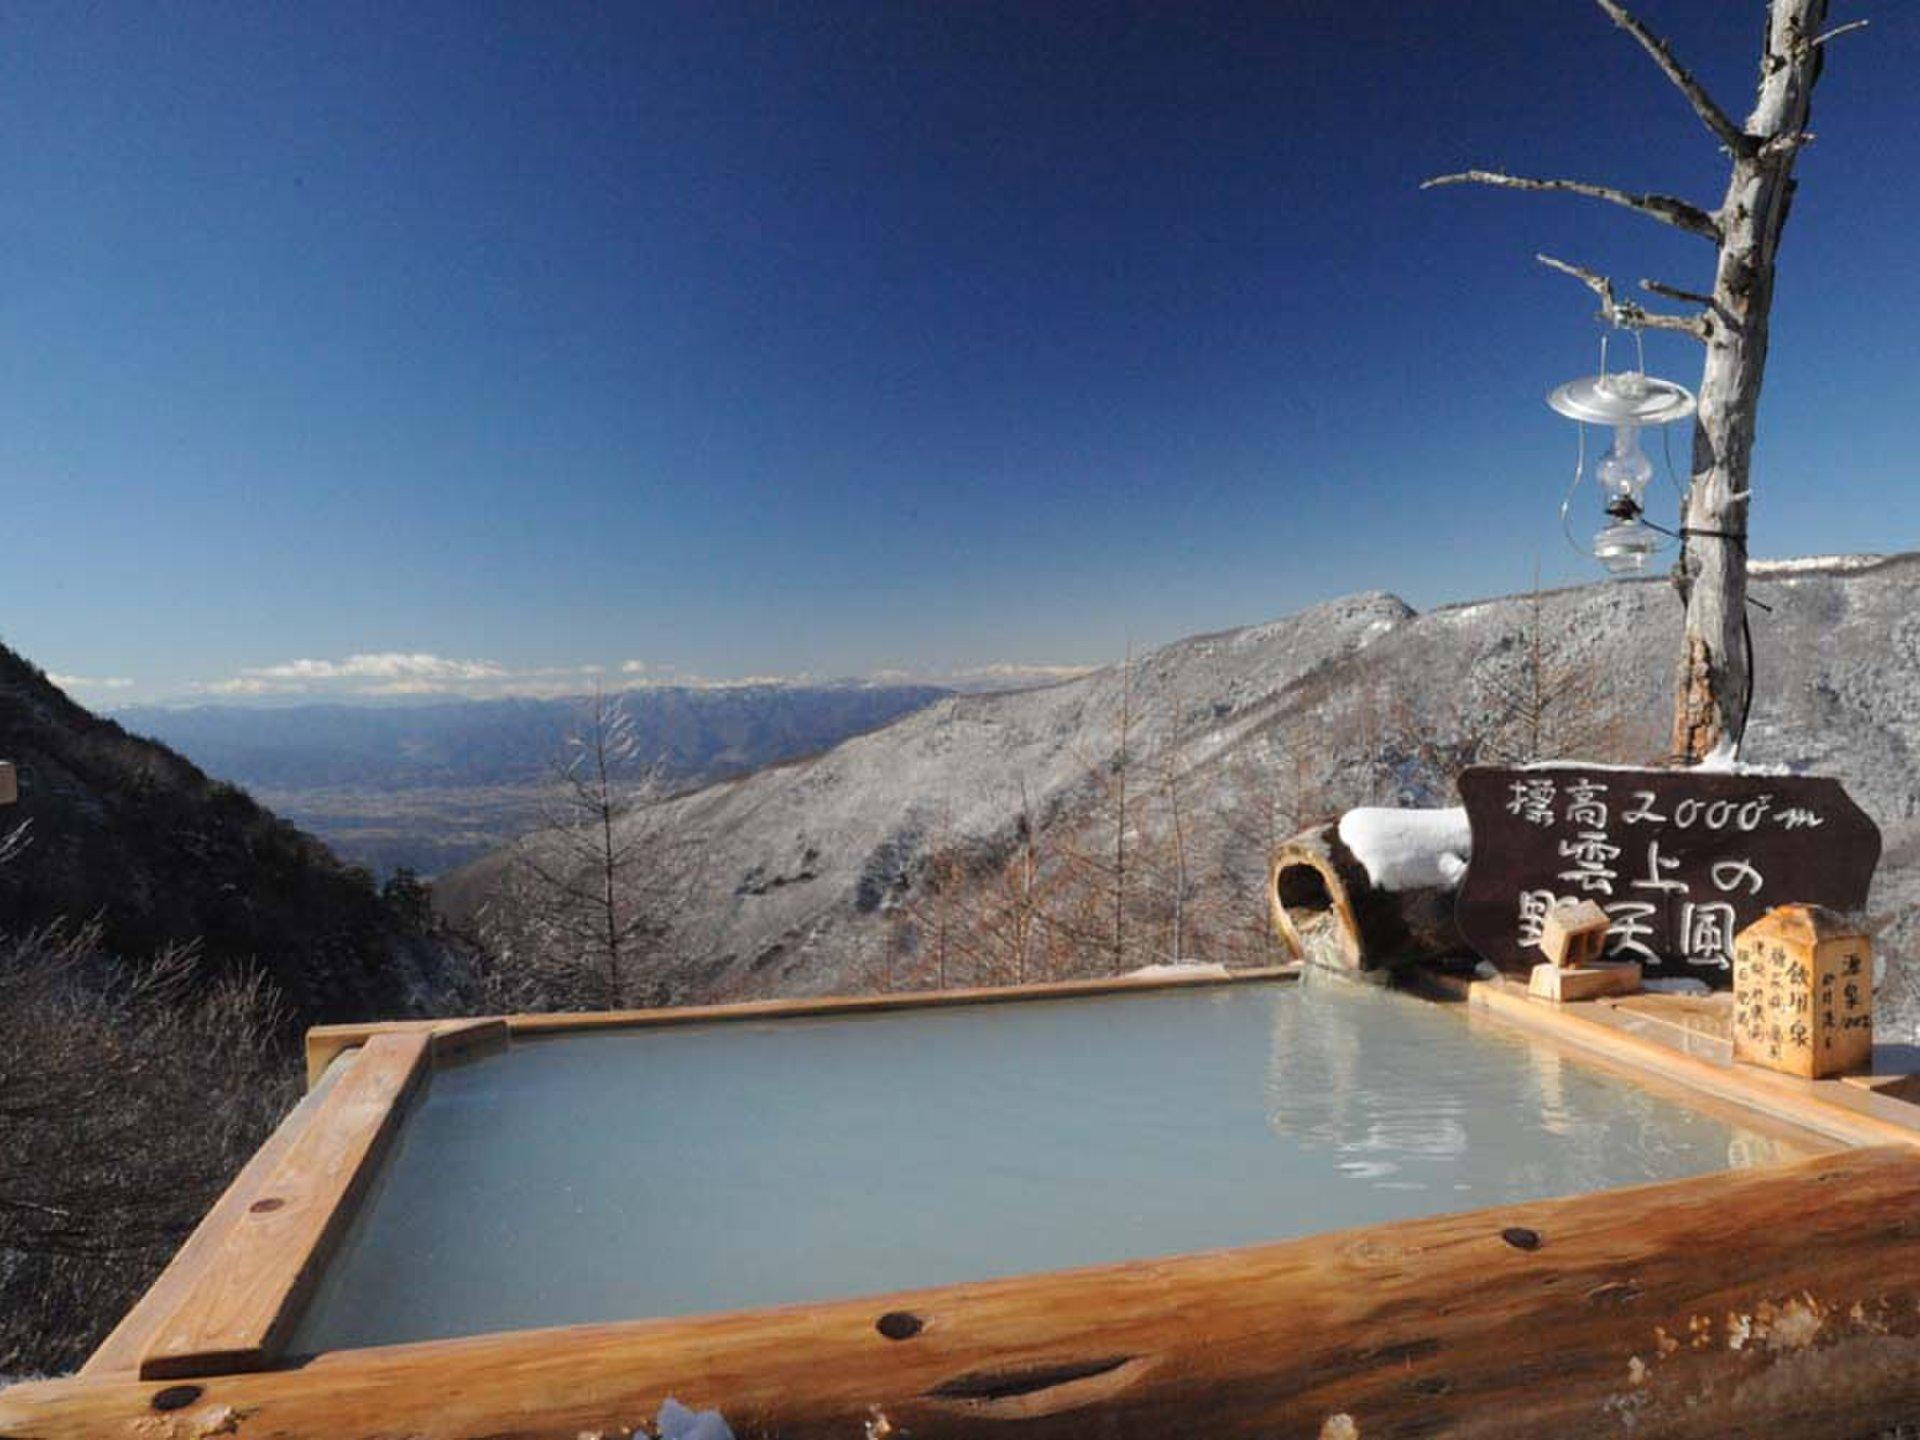 長野県・浅間山  標高2000mの秘湯につかって、鯉づくし!【黒斑山、前掛山、高峰温泉、丸山珈琲】